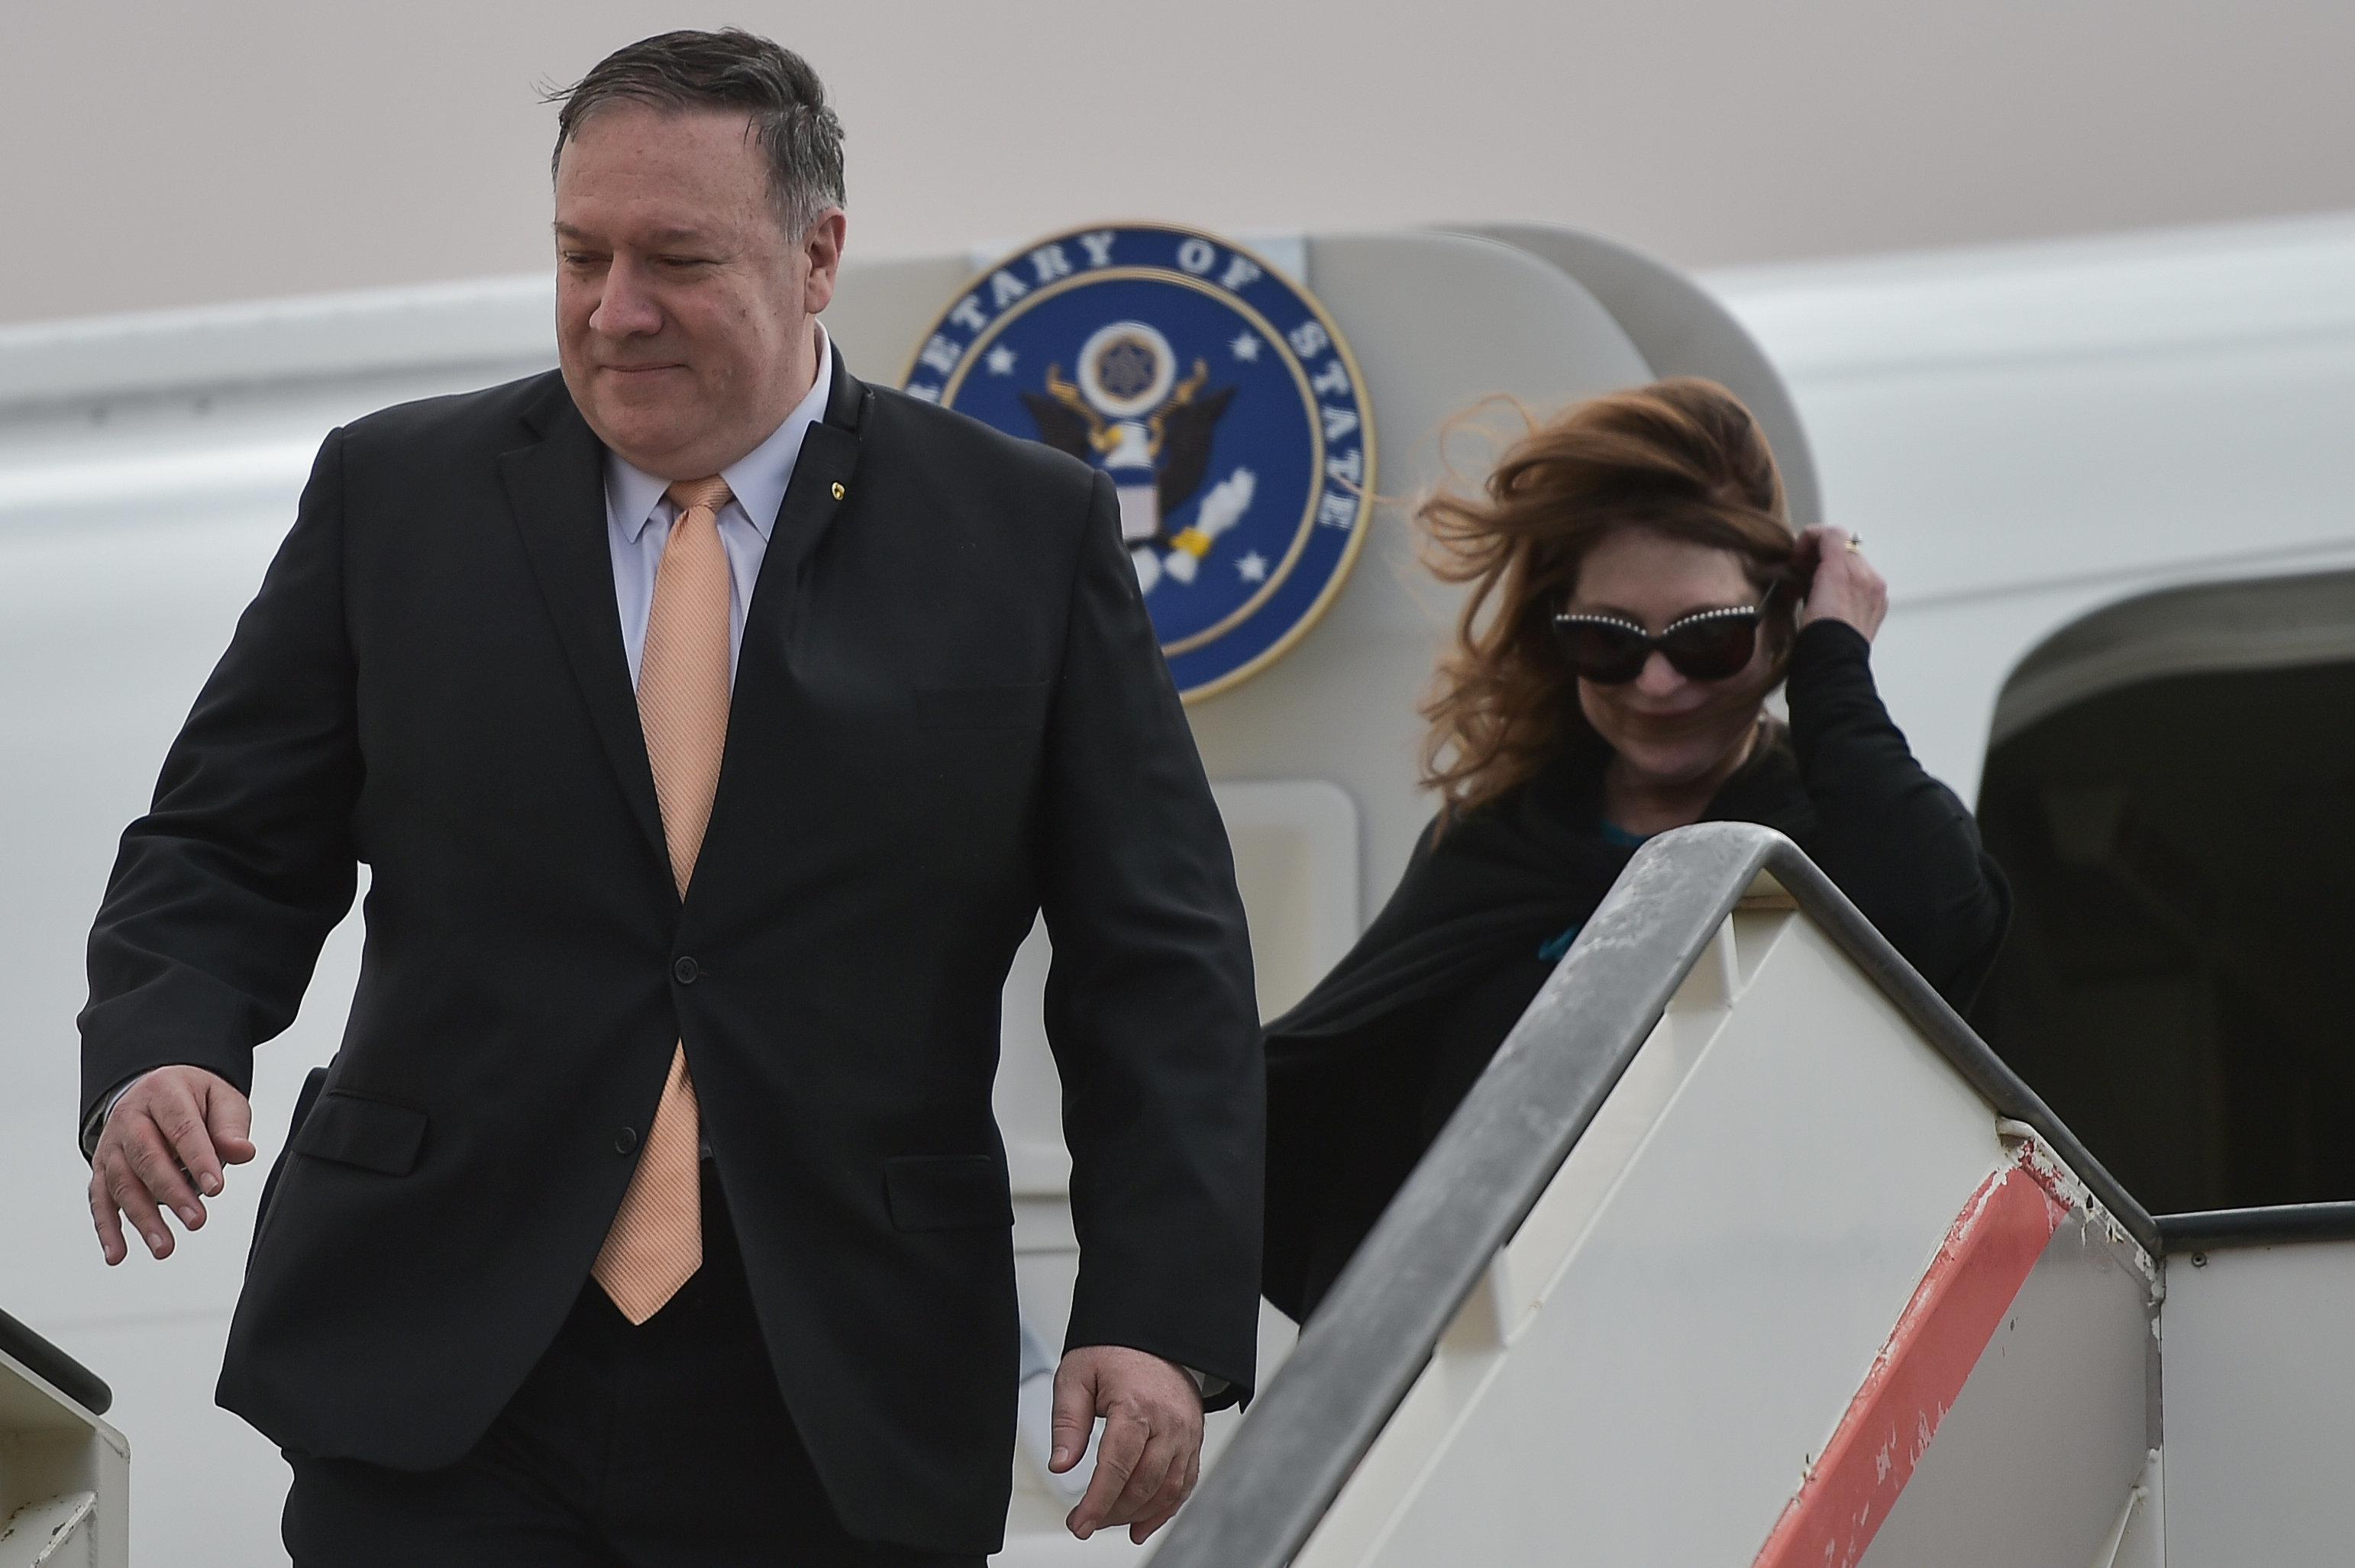 Le chef de la diplomatie américaine en tournée au Moyen-Orient pour rassurer ses